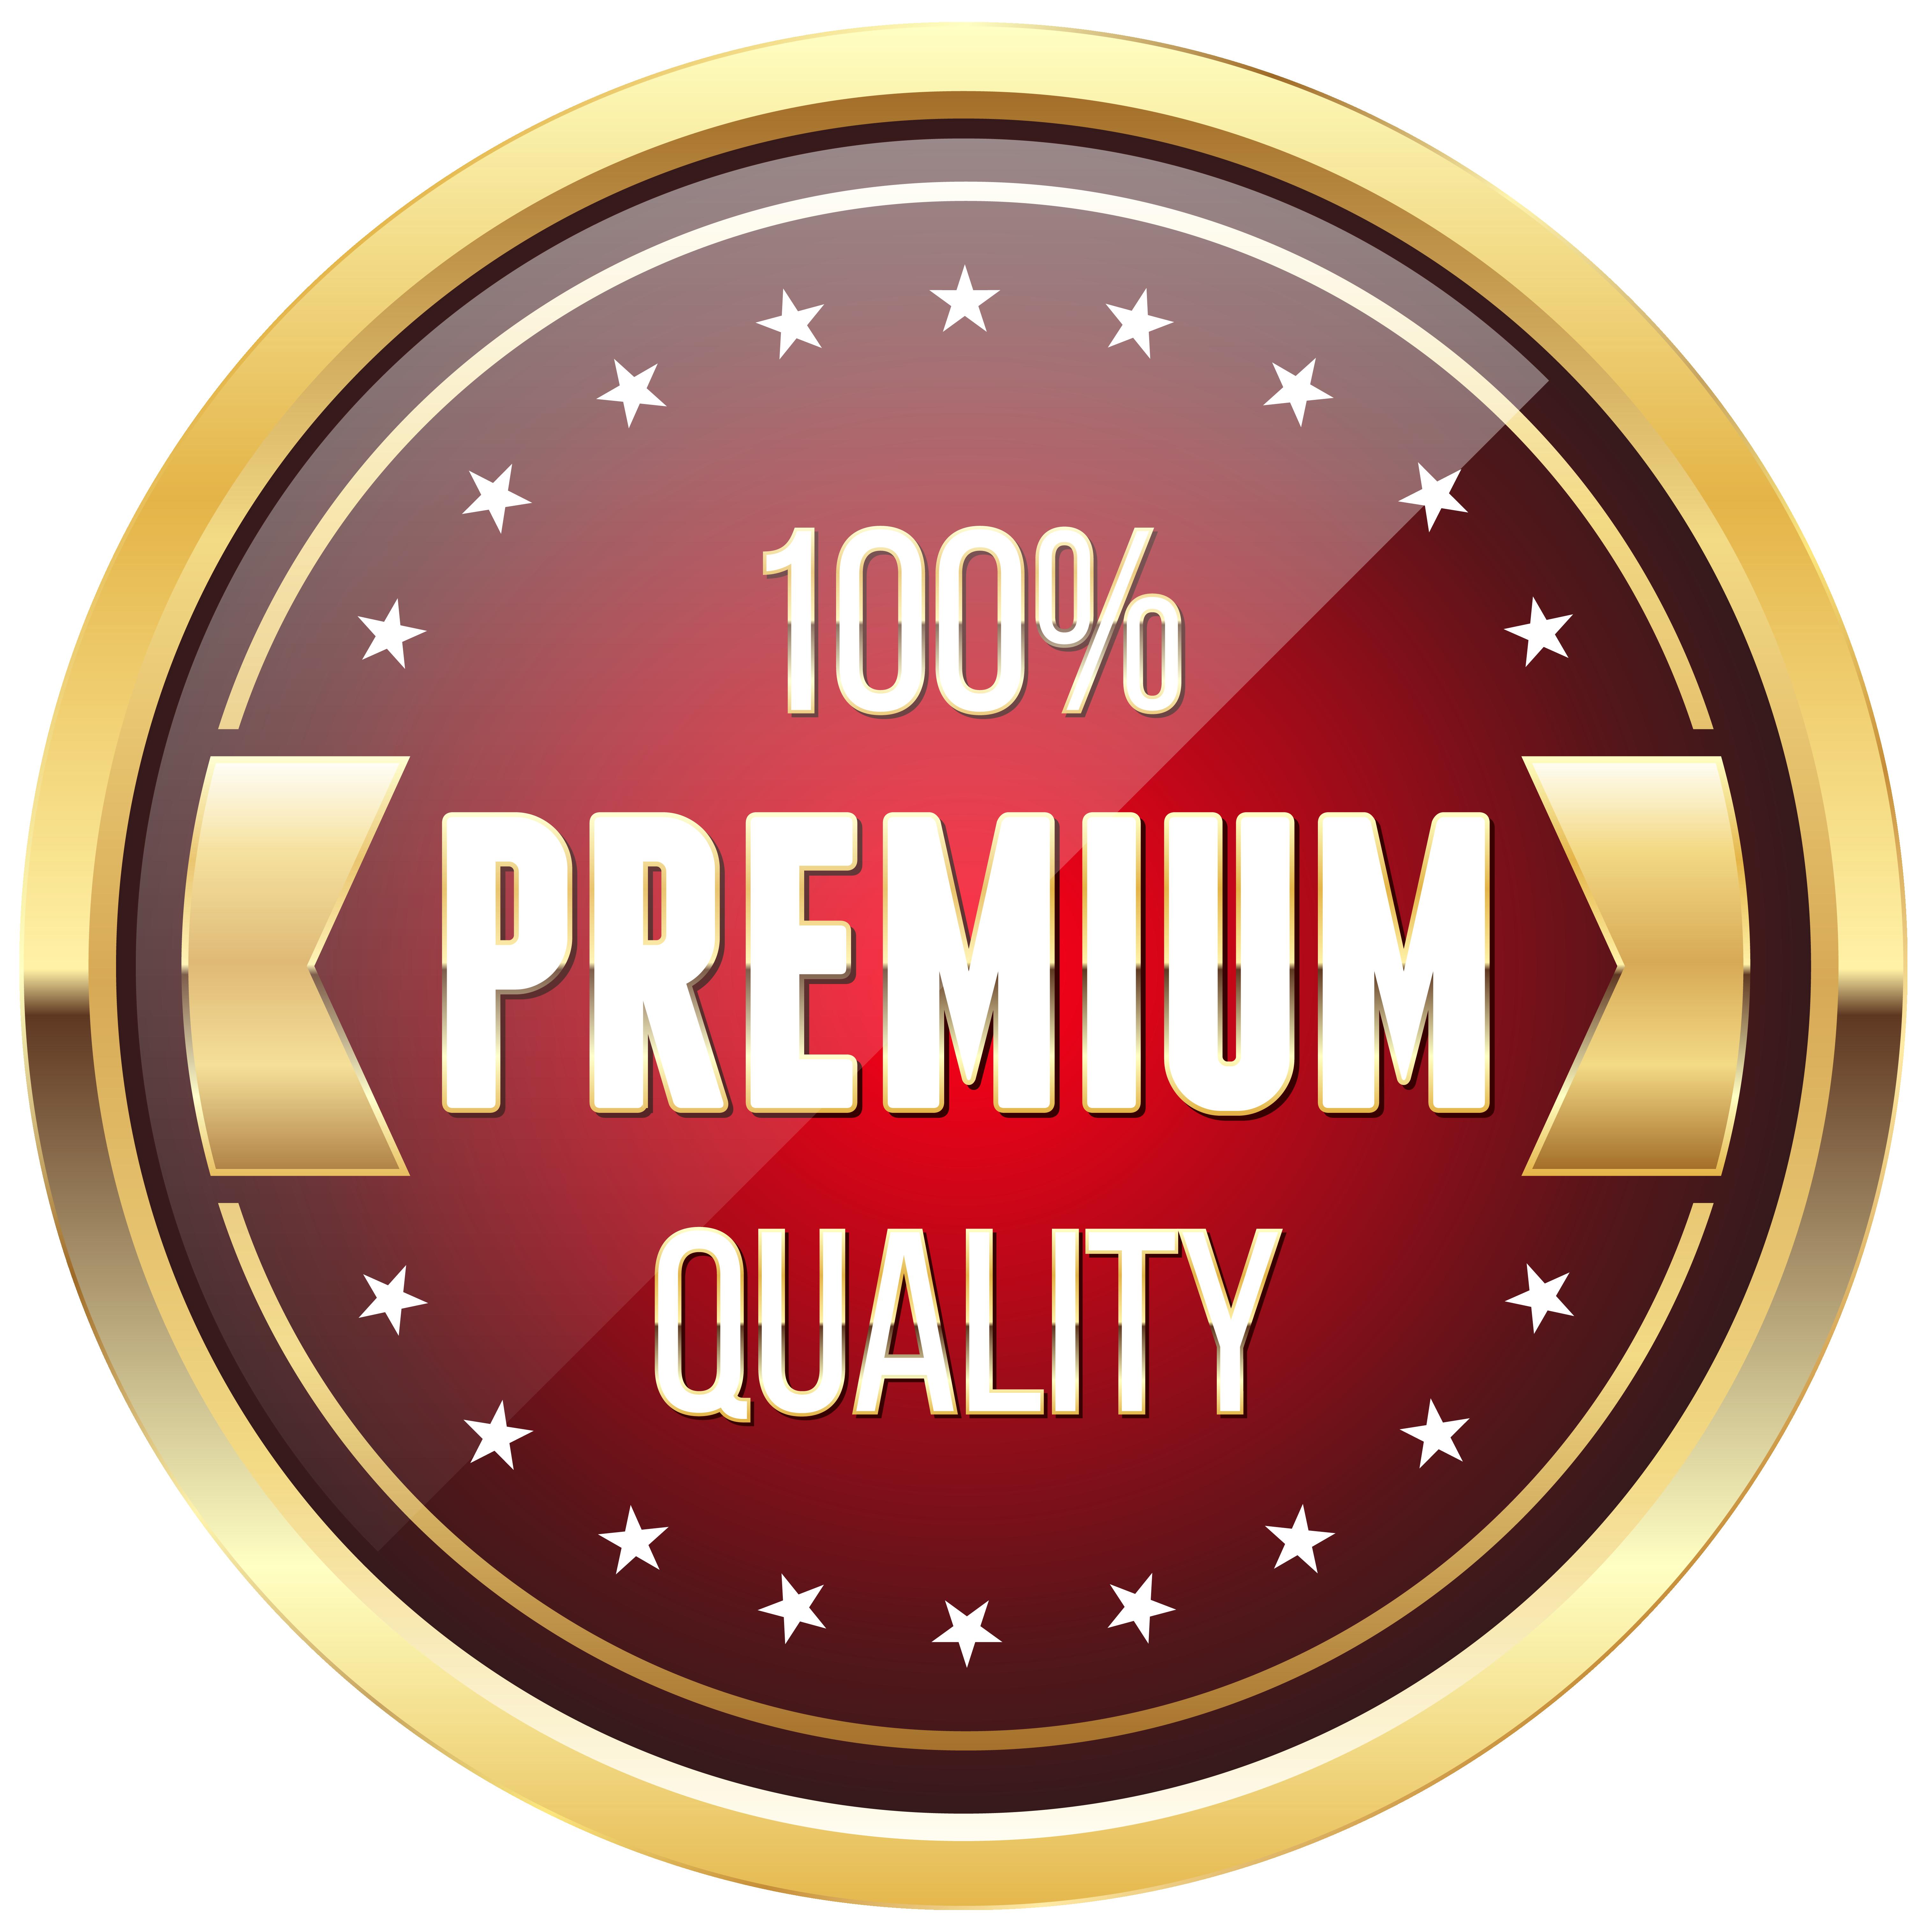 premium quality badge. 100 clipart transparent background